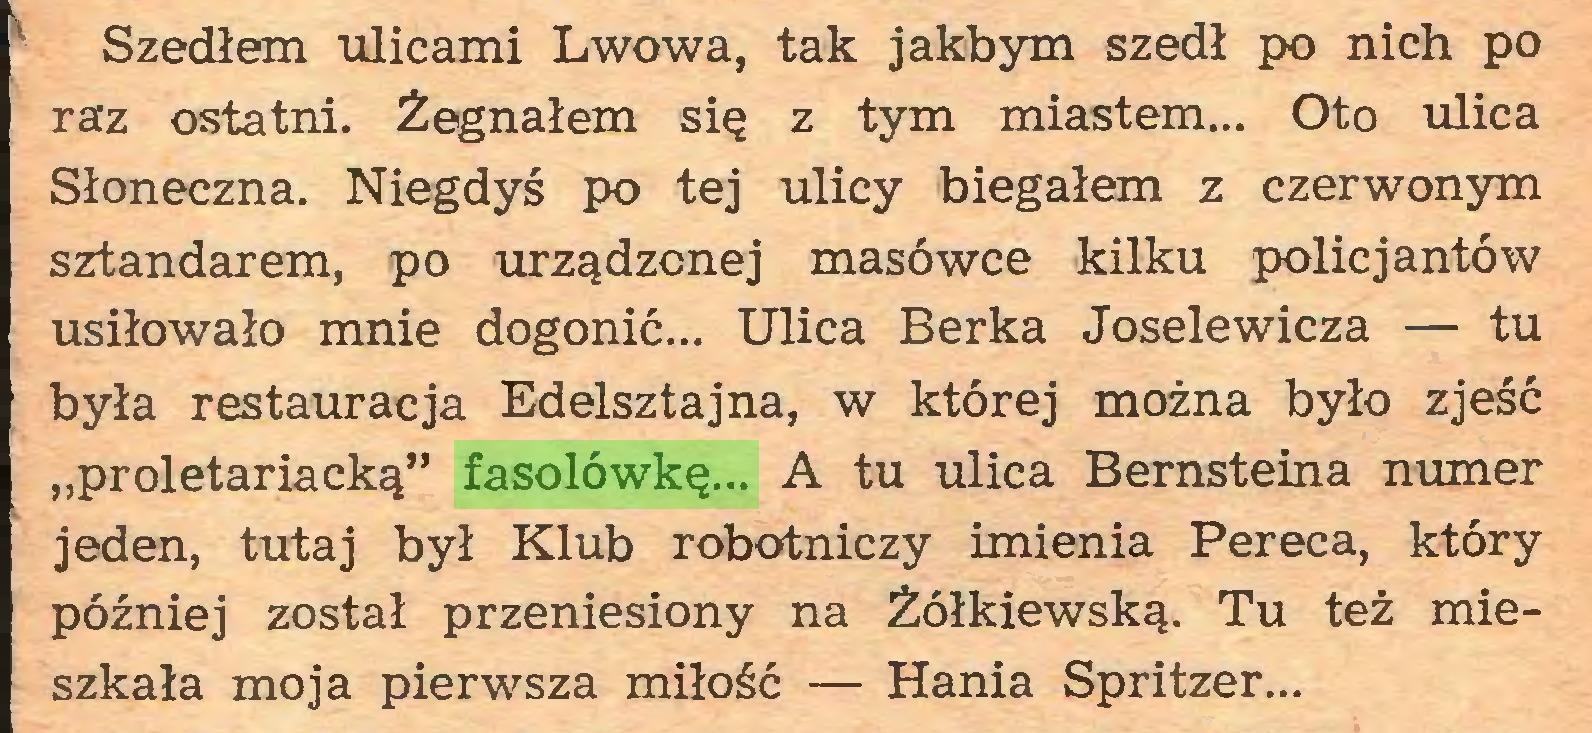 """(...) Szedłem ulicami Lwowa, tak jakbym szedł po nich po raz ostatni. Żegnałem się z tym miastem... Oto ulica Słoneczna. Niegdyś po tej ulicy biegałem z czerwonym sztandarem, po urządzonej masówce kilku policjantów usiłowało mnie dogonić... Ulica Berka Joselewicza — tu była restauracja Edelsztajna, w której można było zjeść """"proletariacką"""" fasolówkę... A tu ulica Bernsteina numer jeden, tutaj był Klub robotniczy imienia Pereca, który później został przeniesiony na Żółkiewską. Tu też mieszkała moja pierwsza miłość — Hania Spritzer..."""